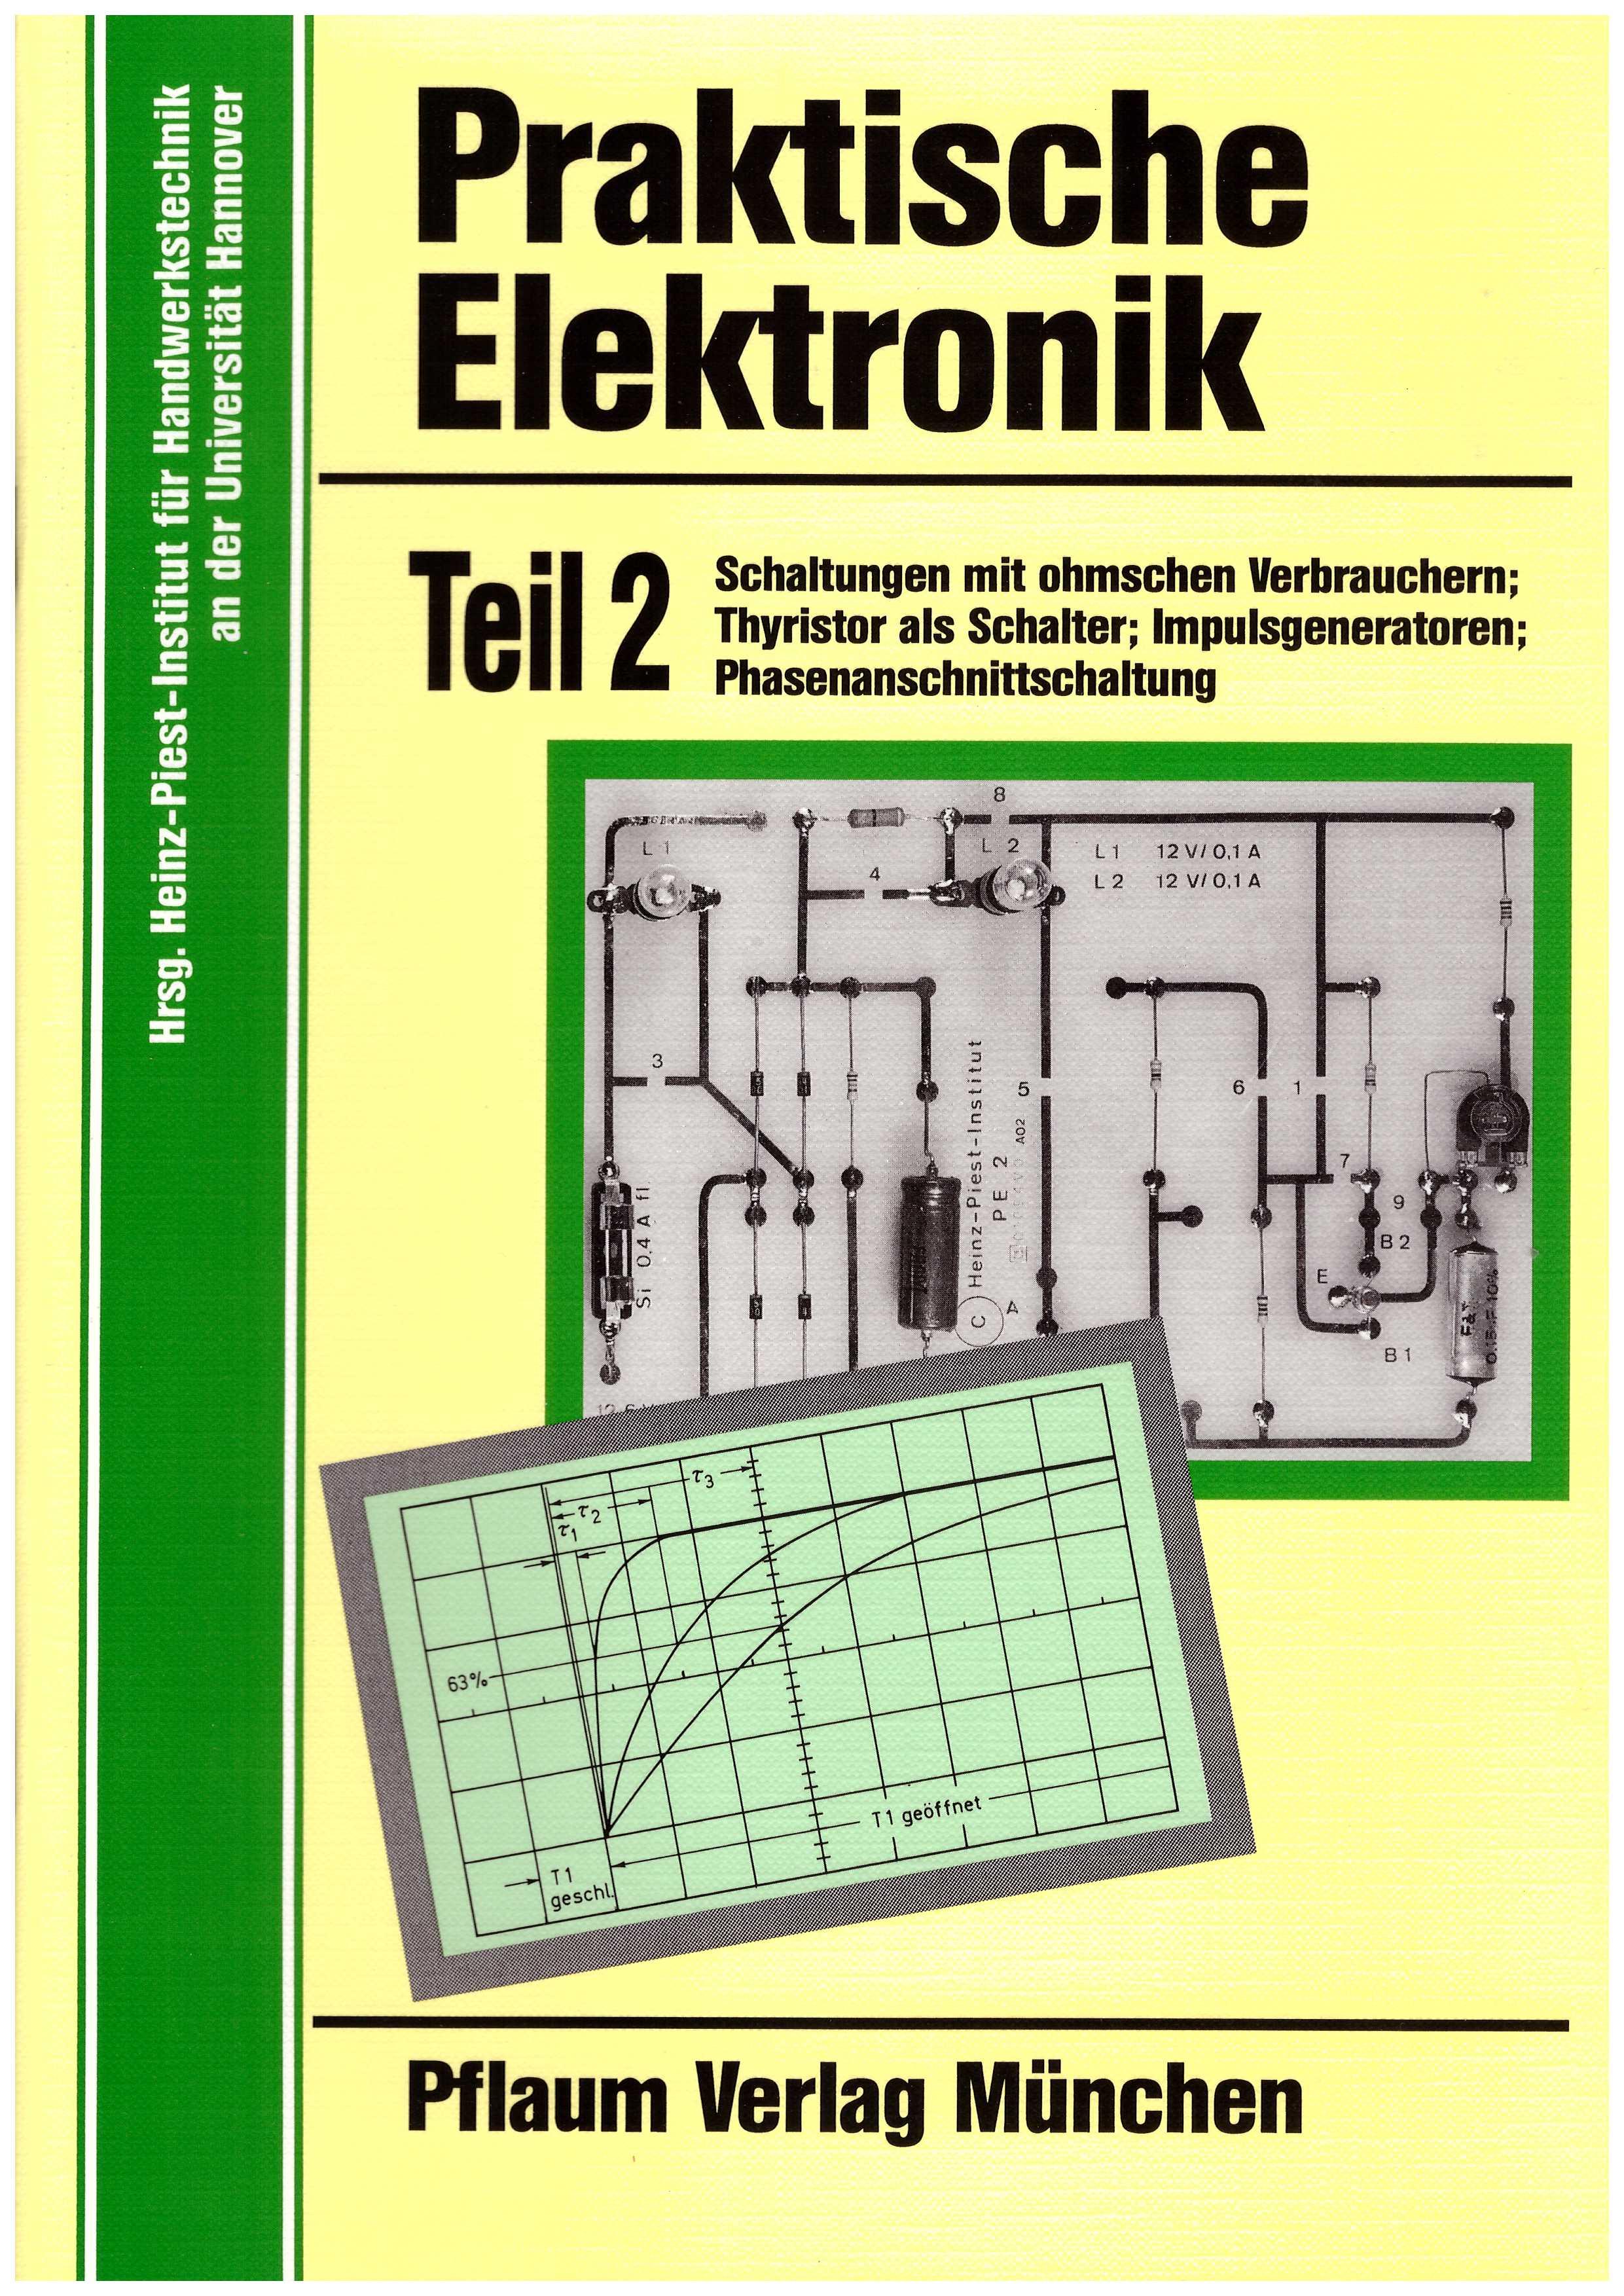 Gemütlich Lichtempfindlicher Transistor Ideen - Der Schaltplan ...